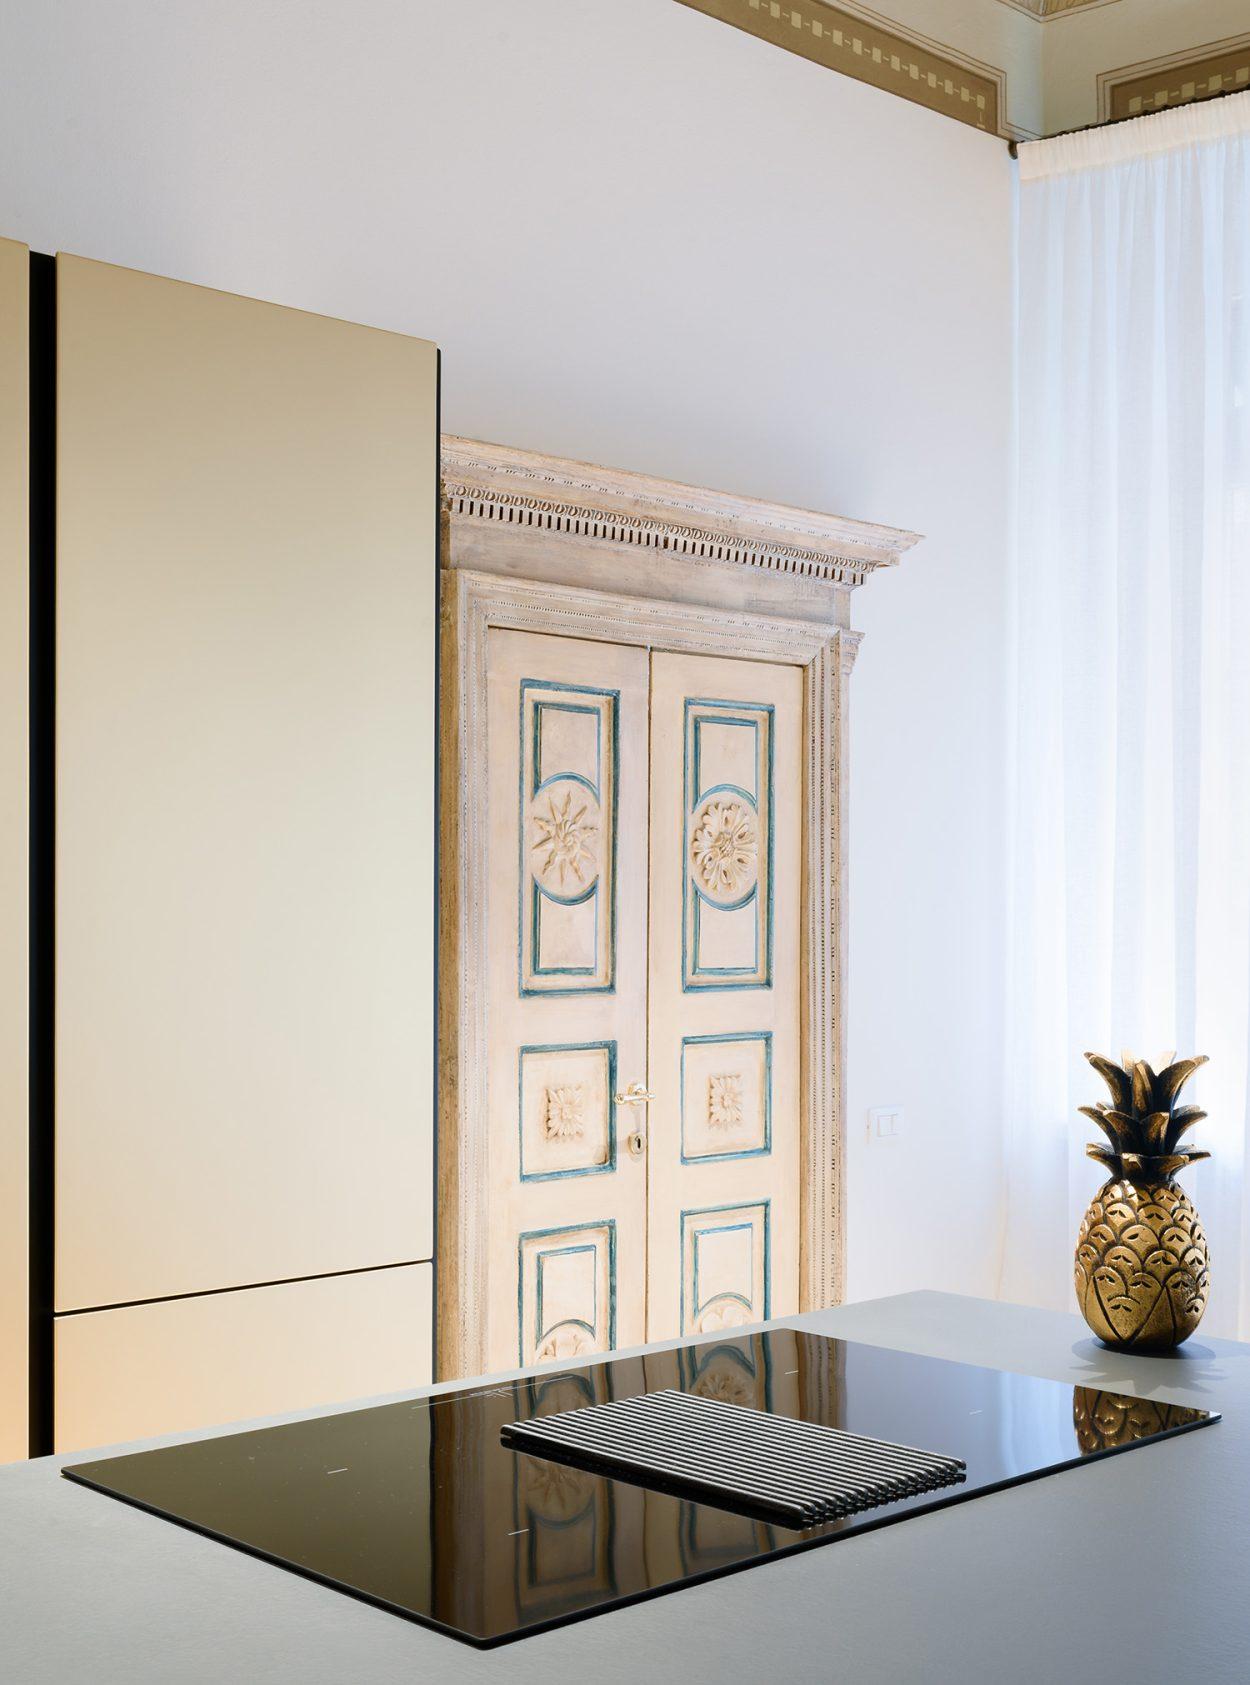 16-Ristrutturazione-Appartamento-Cesena-caldo-1250x1685.jpg